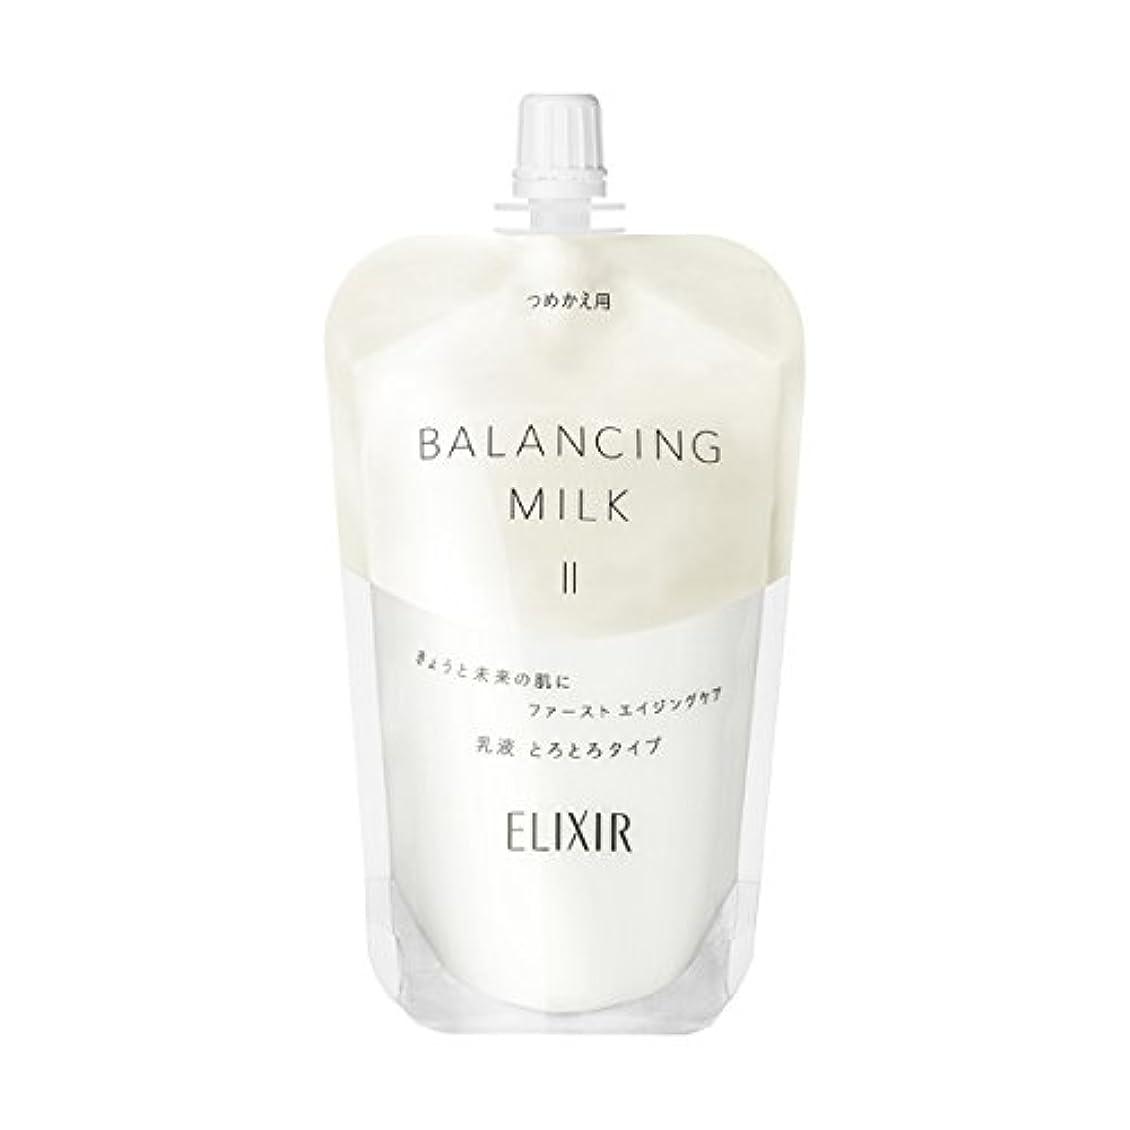 涙が出る一掃する汚いエリクシール ルフレ バランシング ミルク 乳液 2 (とろとろタイプ) (つめかえ用) 110mL